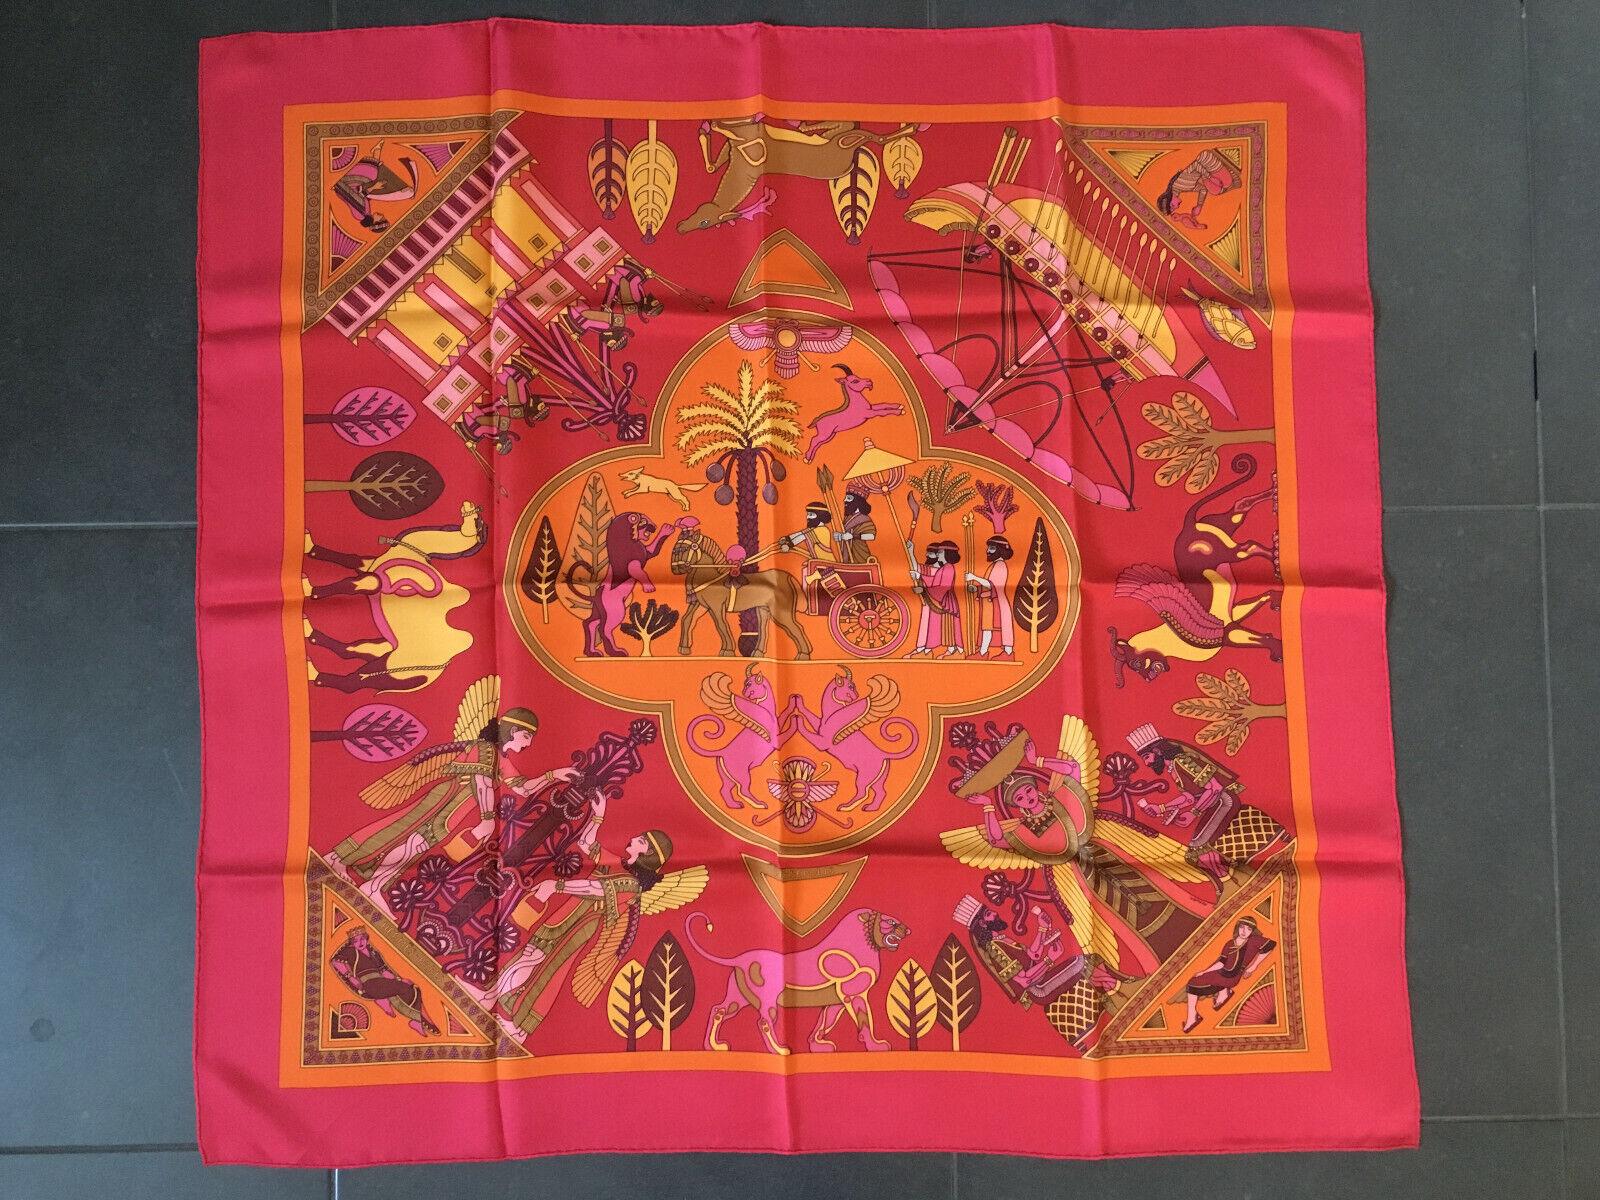 Foulard carré hermès en soie - persepolis - 90 cm